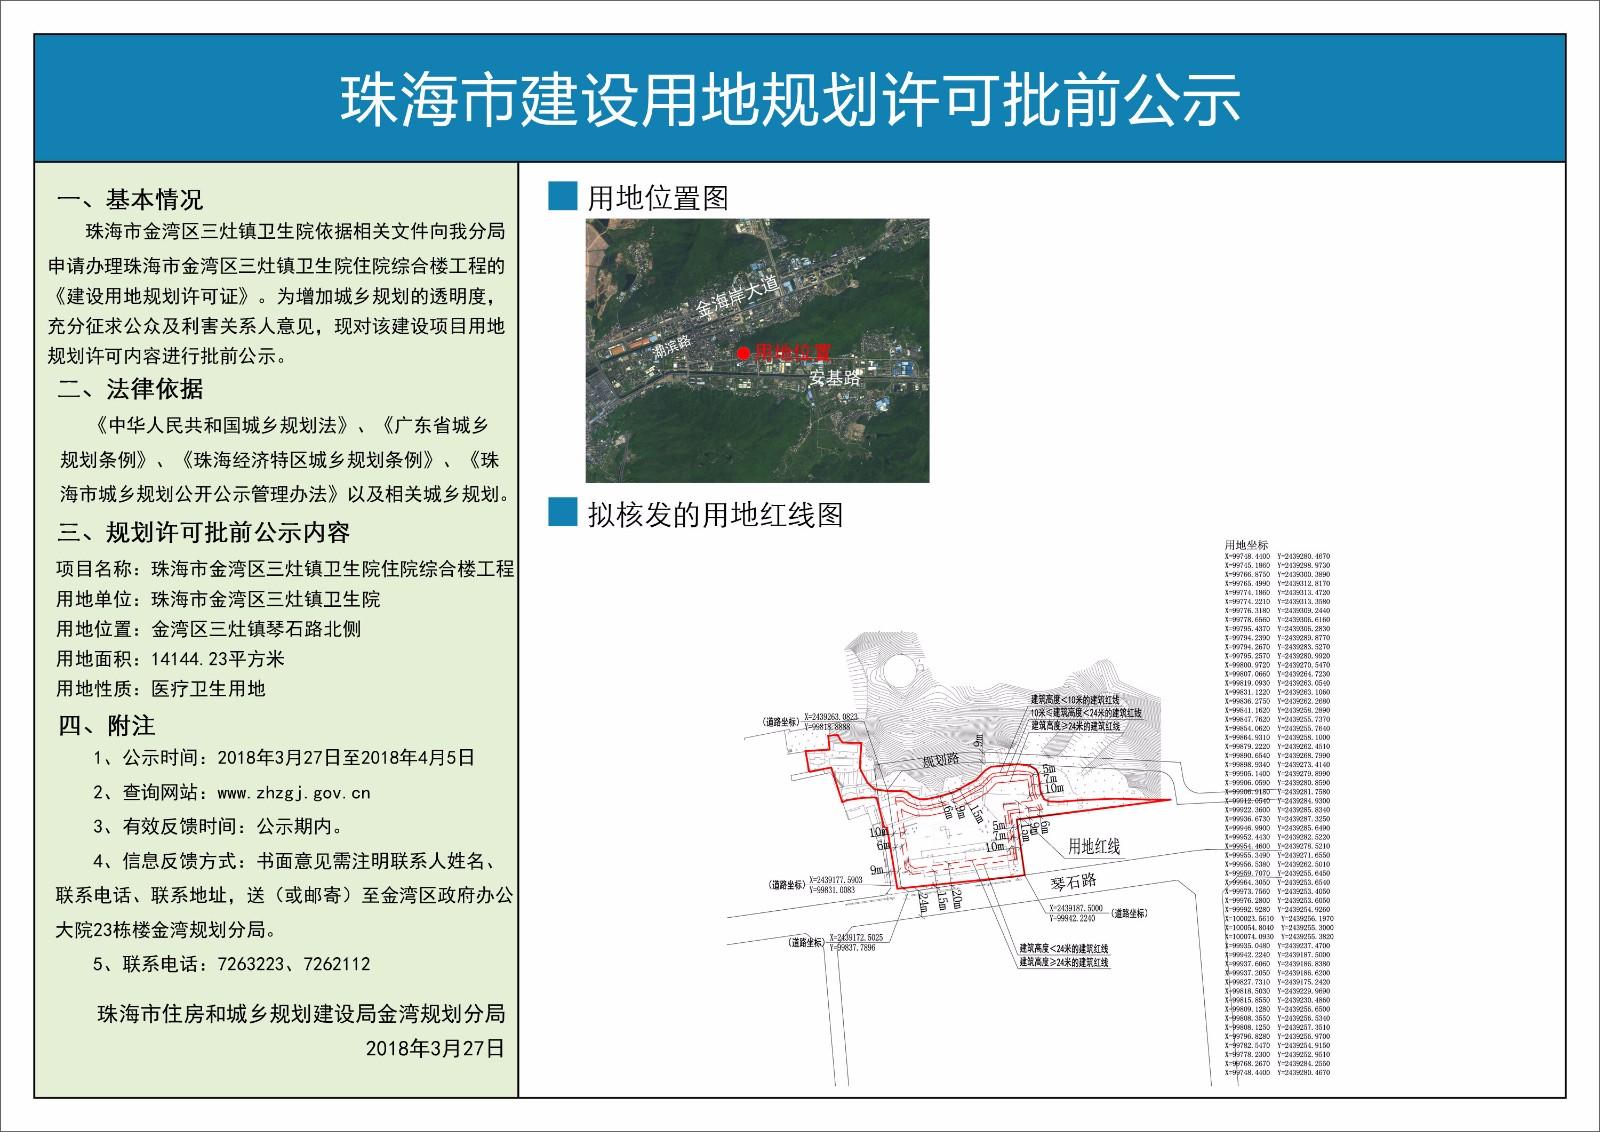 珠海房地产网 楼市聚焦 楼市快递  根据公示,项目名称为金湾区三灶镇